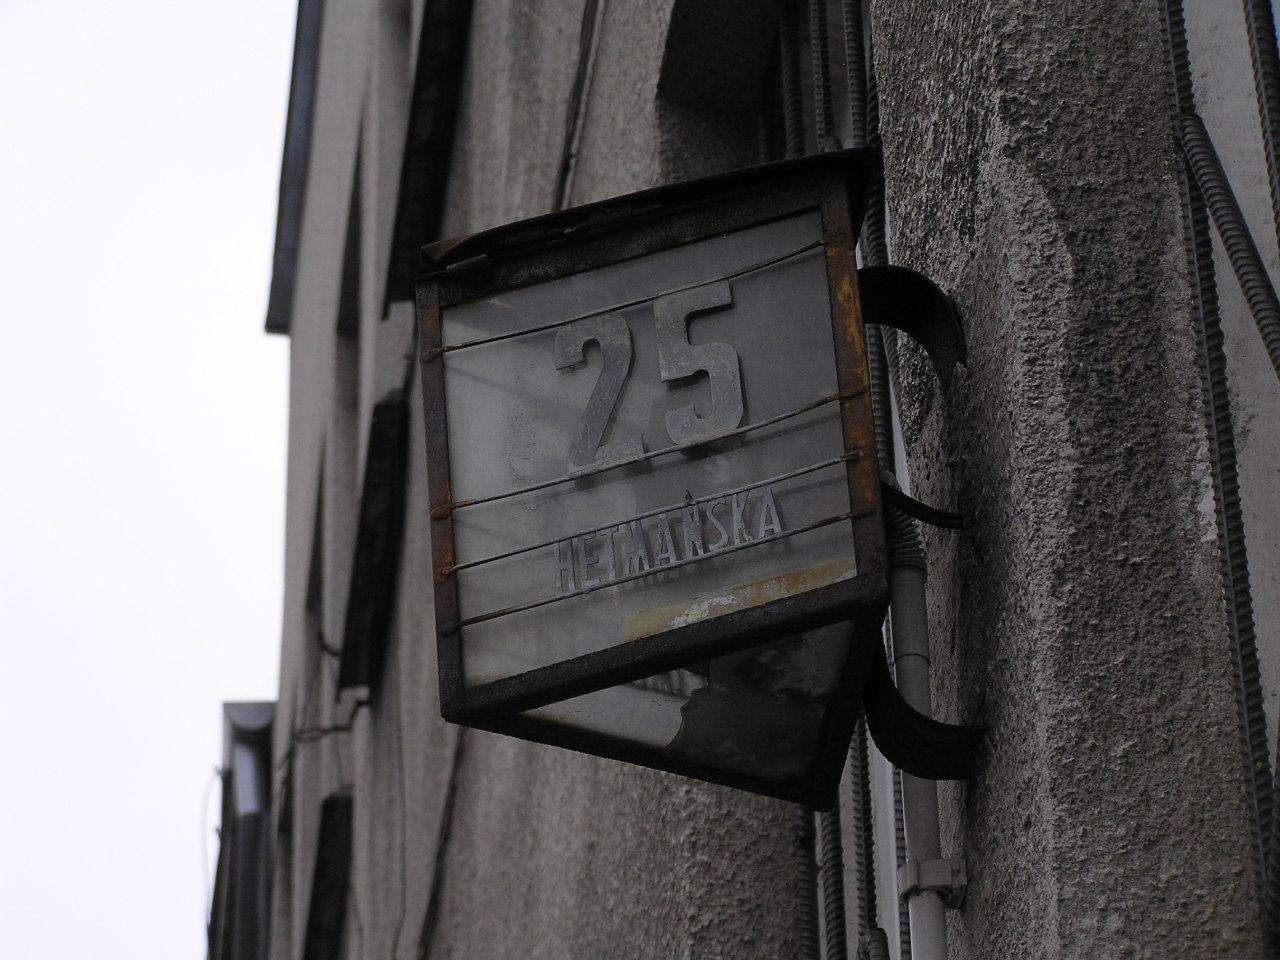 Latarenka adresowa przy ulicy Hetmańskiej 25 na Grochowie